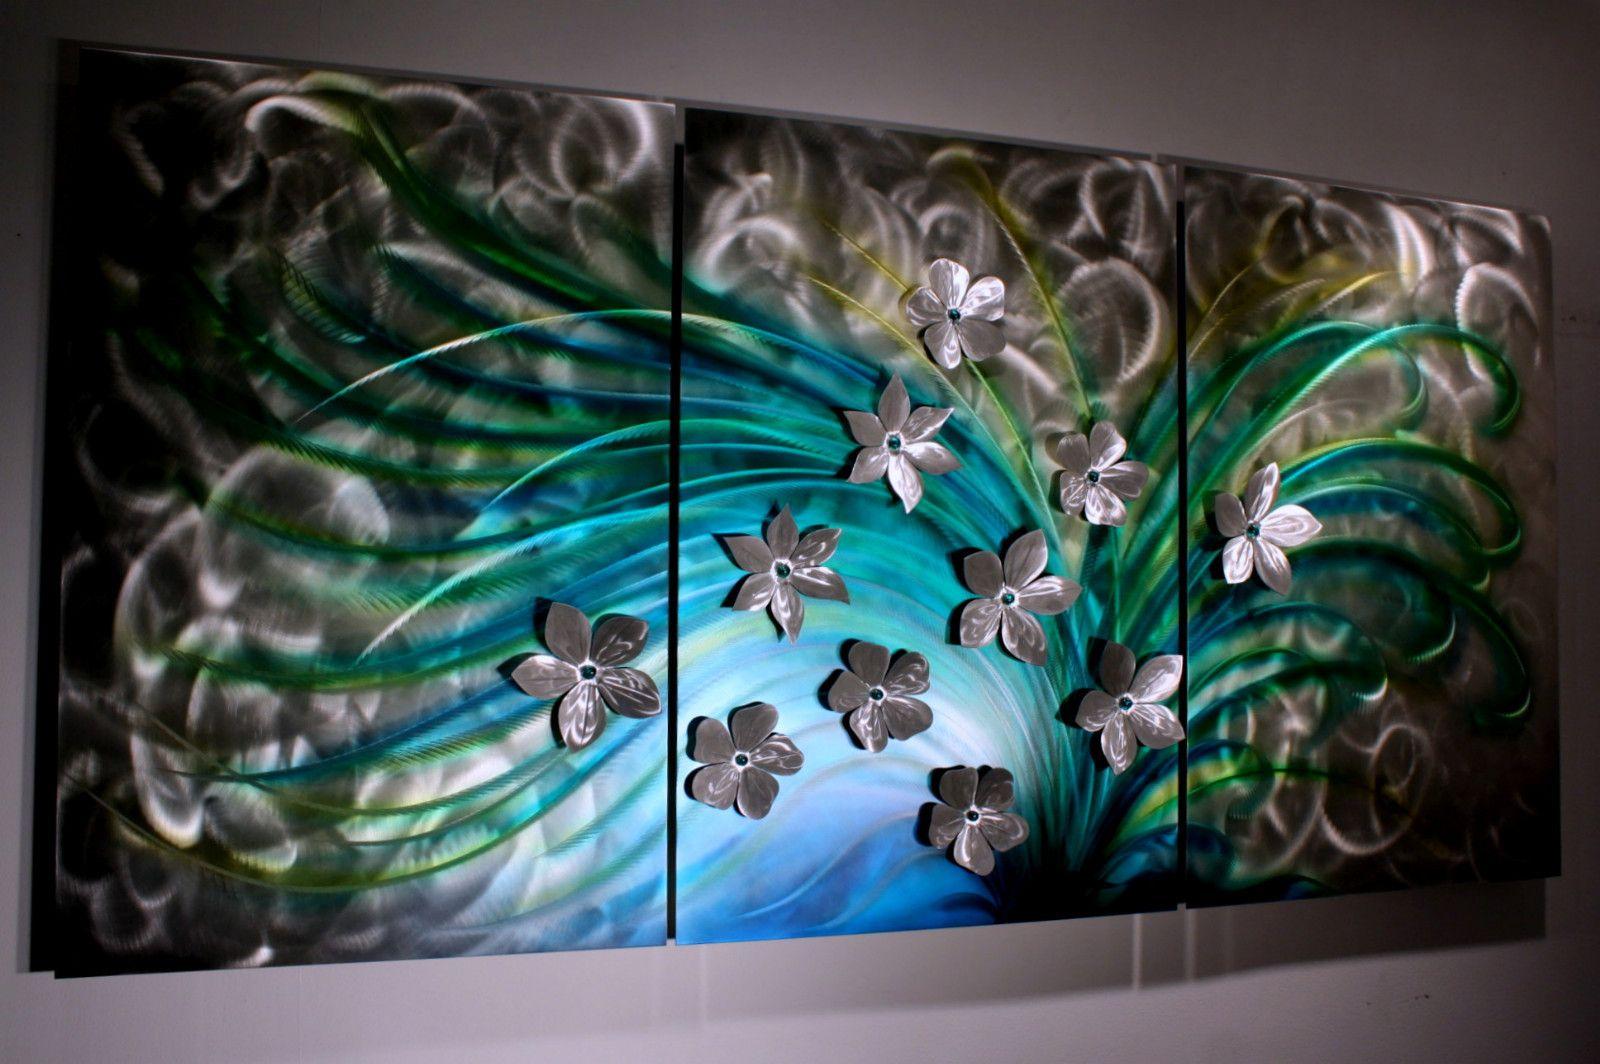 Floral art metal wall sculpture abstract home decor painting metal modern wall art original art design by alex kovacs ak432